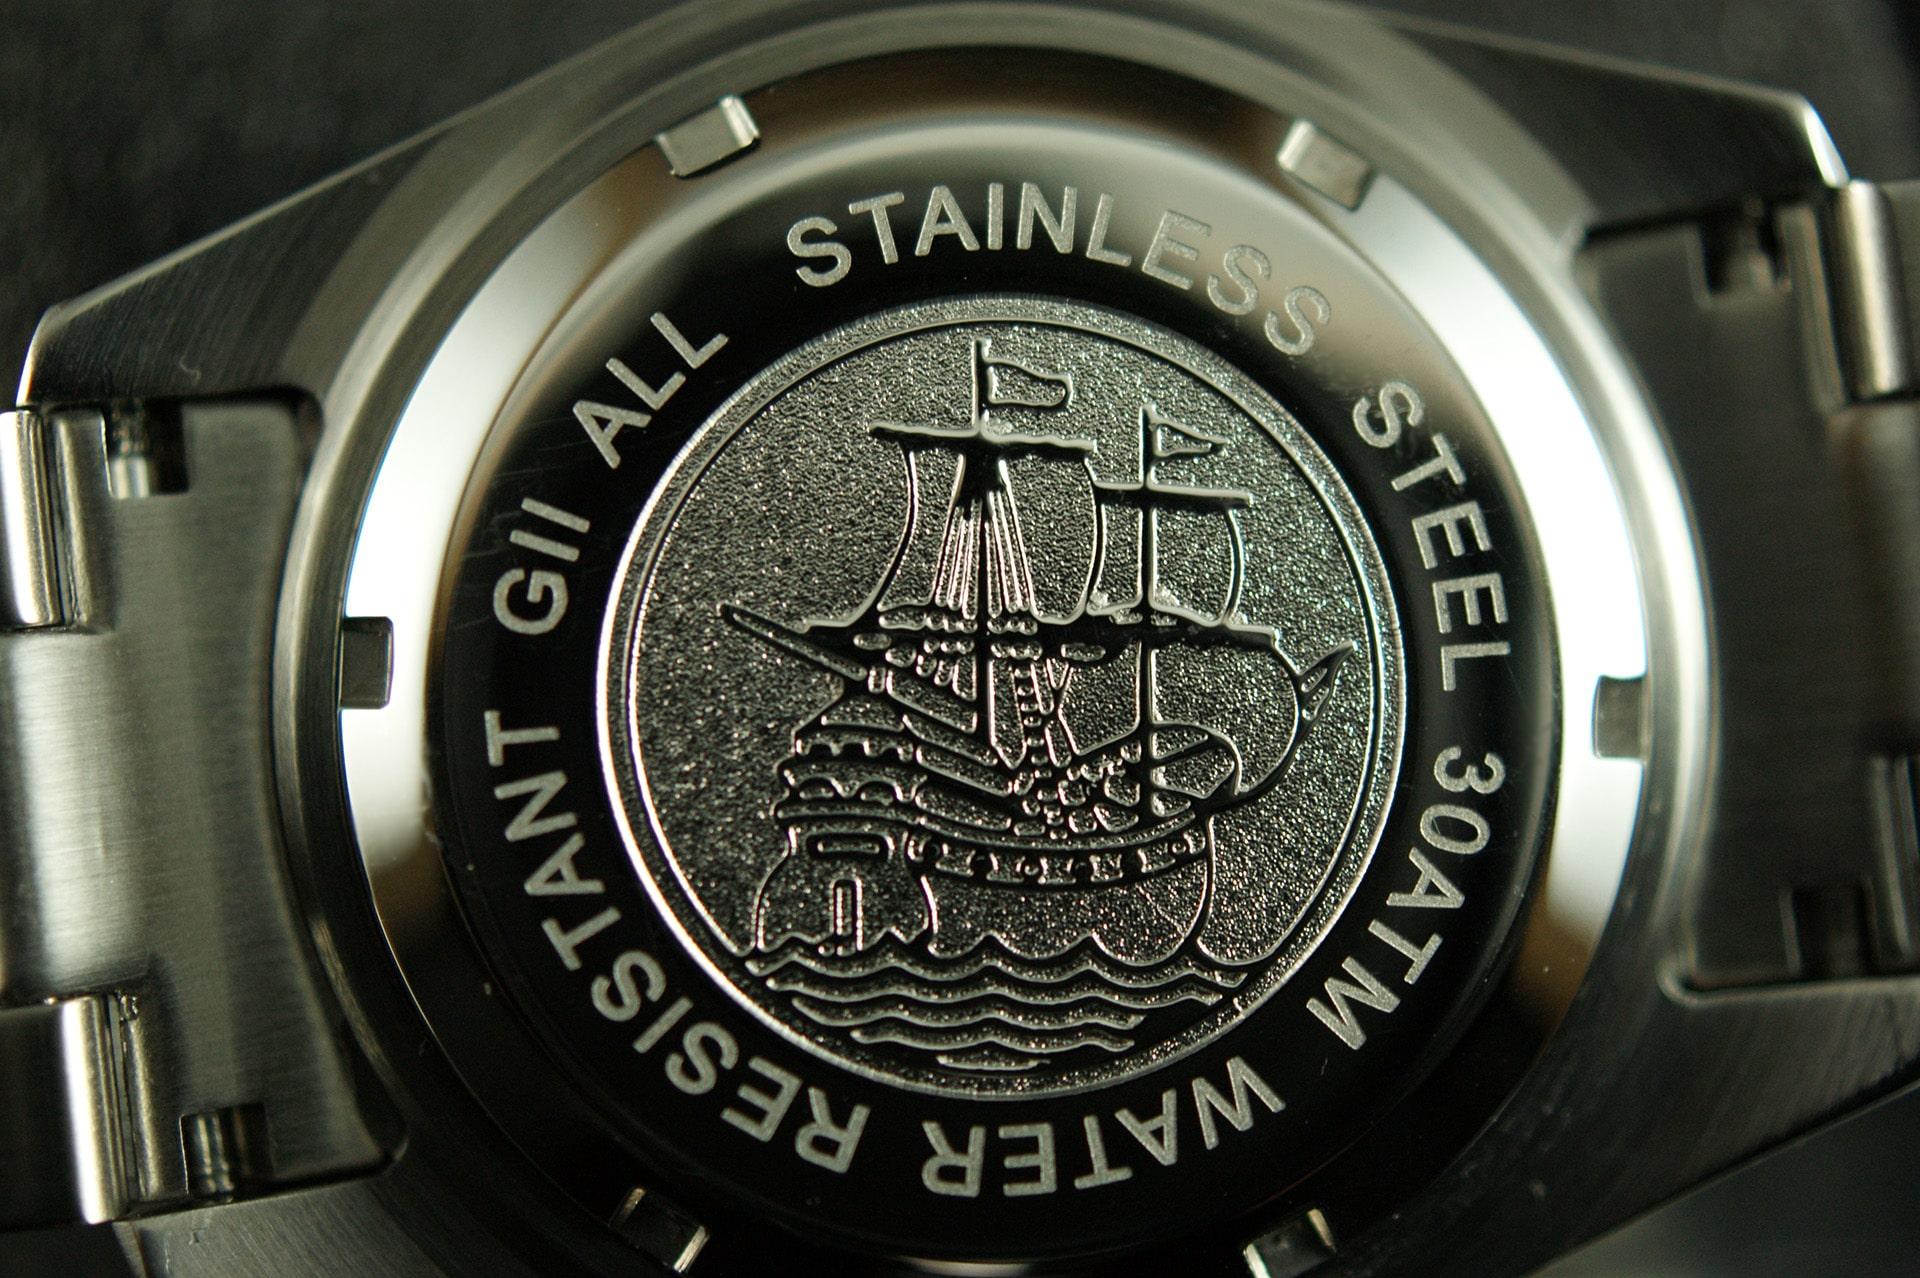 Auf der Rückseite der Gigandet Sea Ground G2-002 ist das Relief eines historischen Schiffs zu sehen sowie die Angabe der Wasserdichtigkeiten (30 ATM = 30 bar).